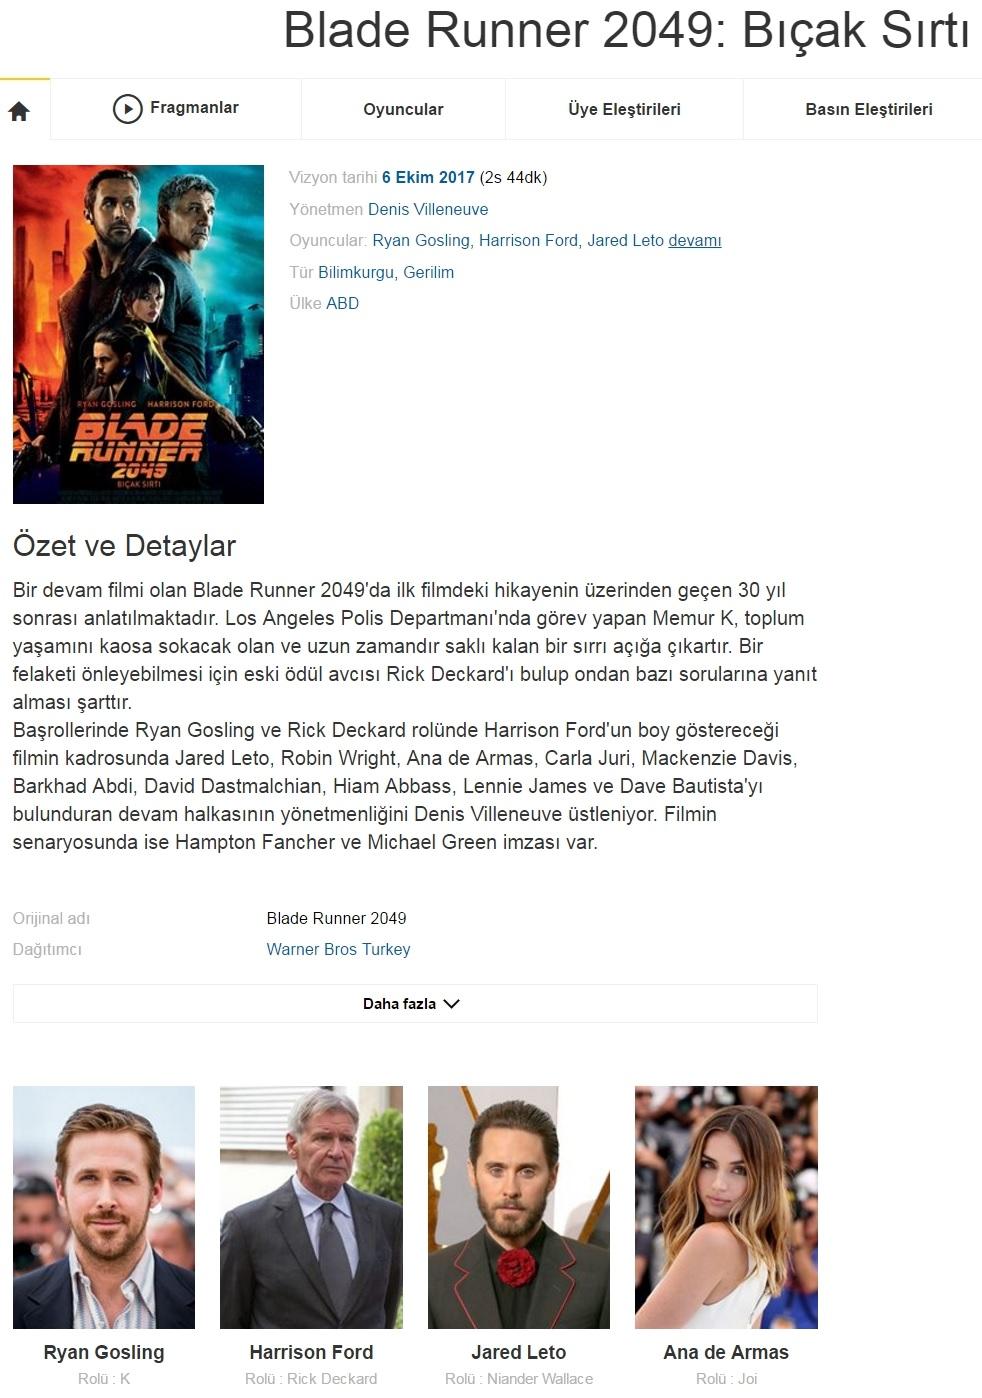 Blade Runner 2049 Bıçak Sırtı - 2017 Türkçe Dublaj BRRip indir